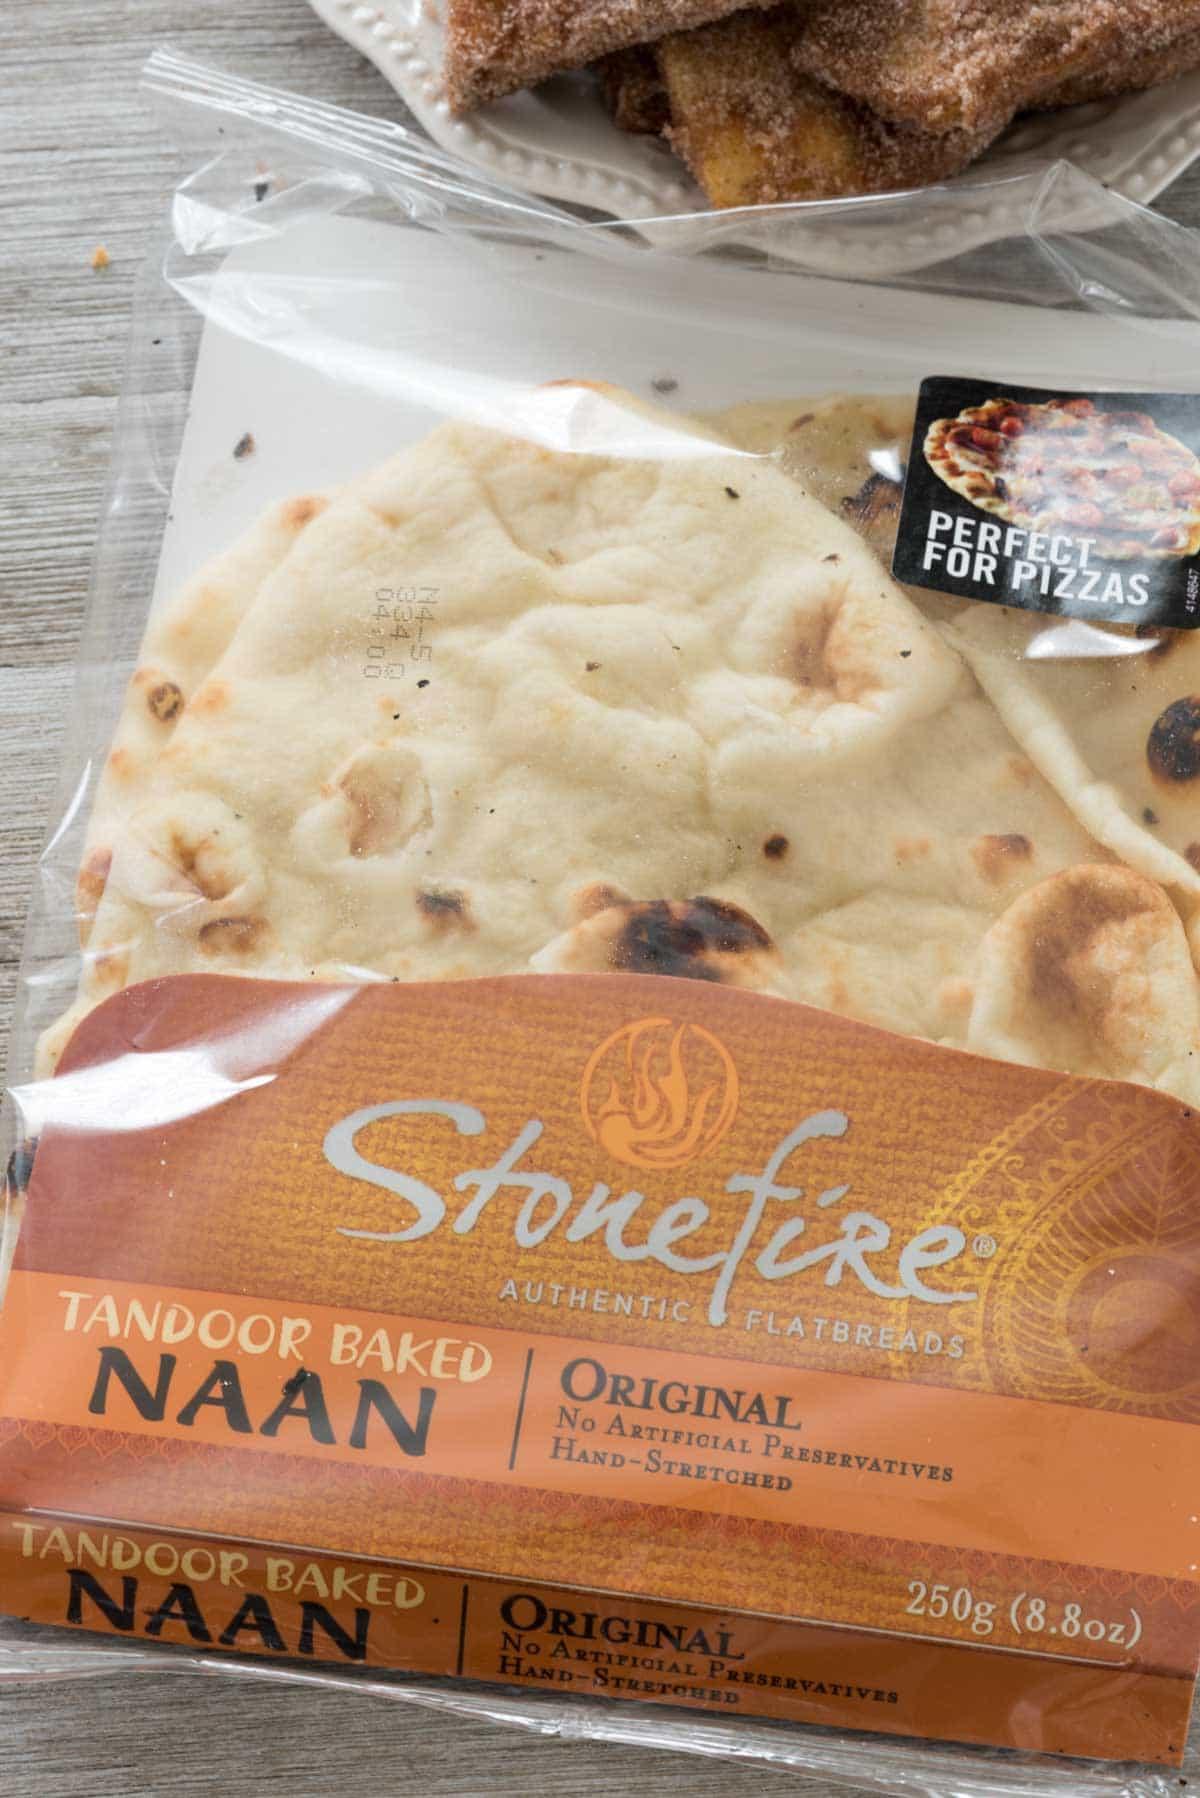 Stonefire Naan